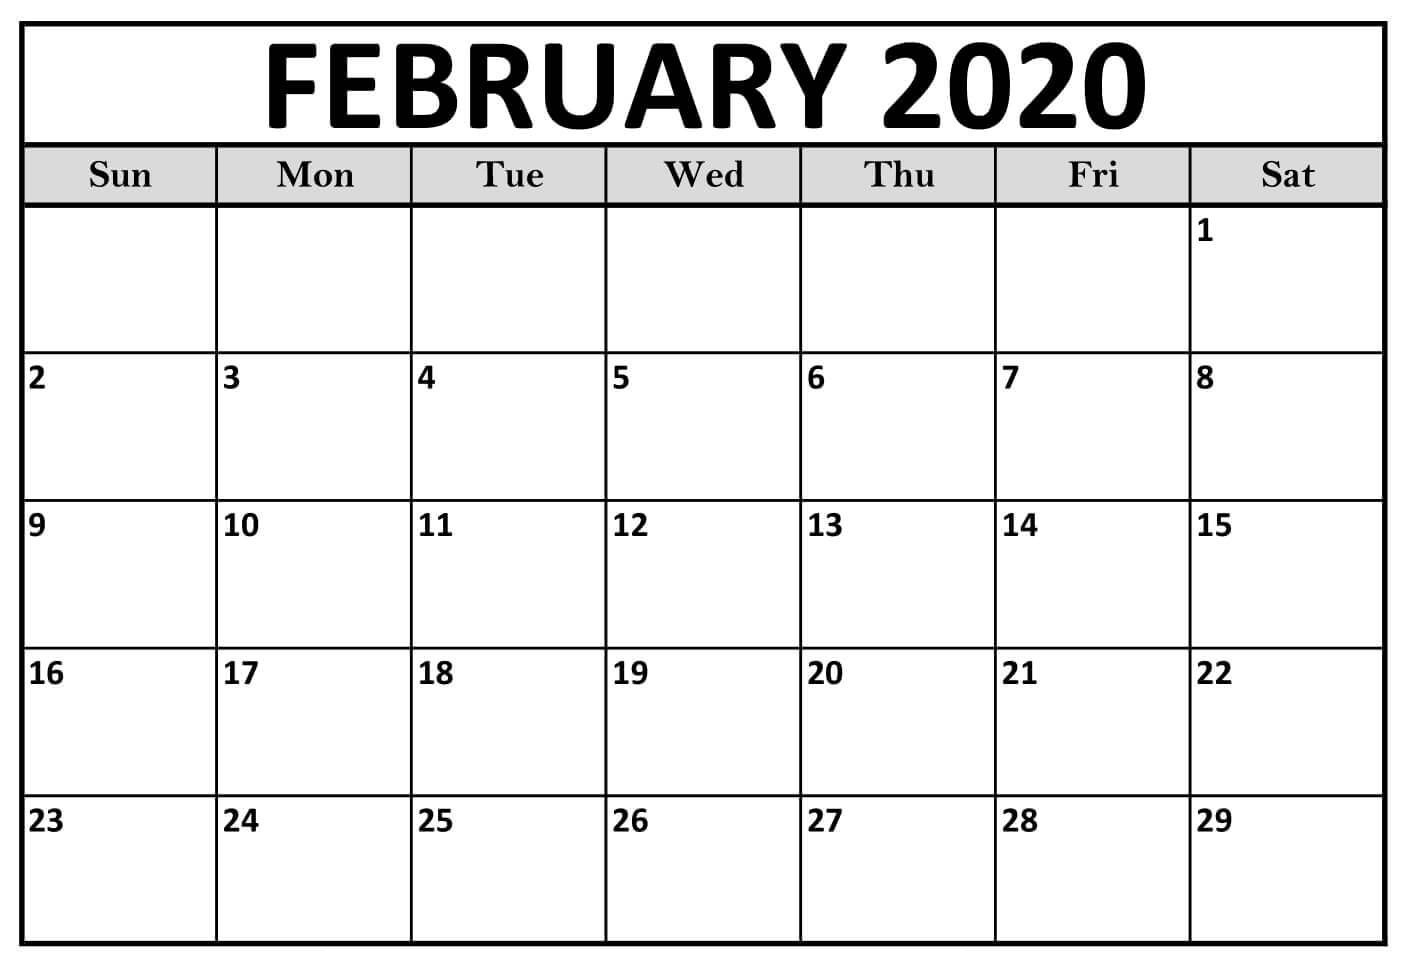 Printable February 2020 Calendar Notes  2019 Calendars For intended for Feb 2020 Calendar